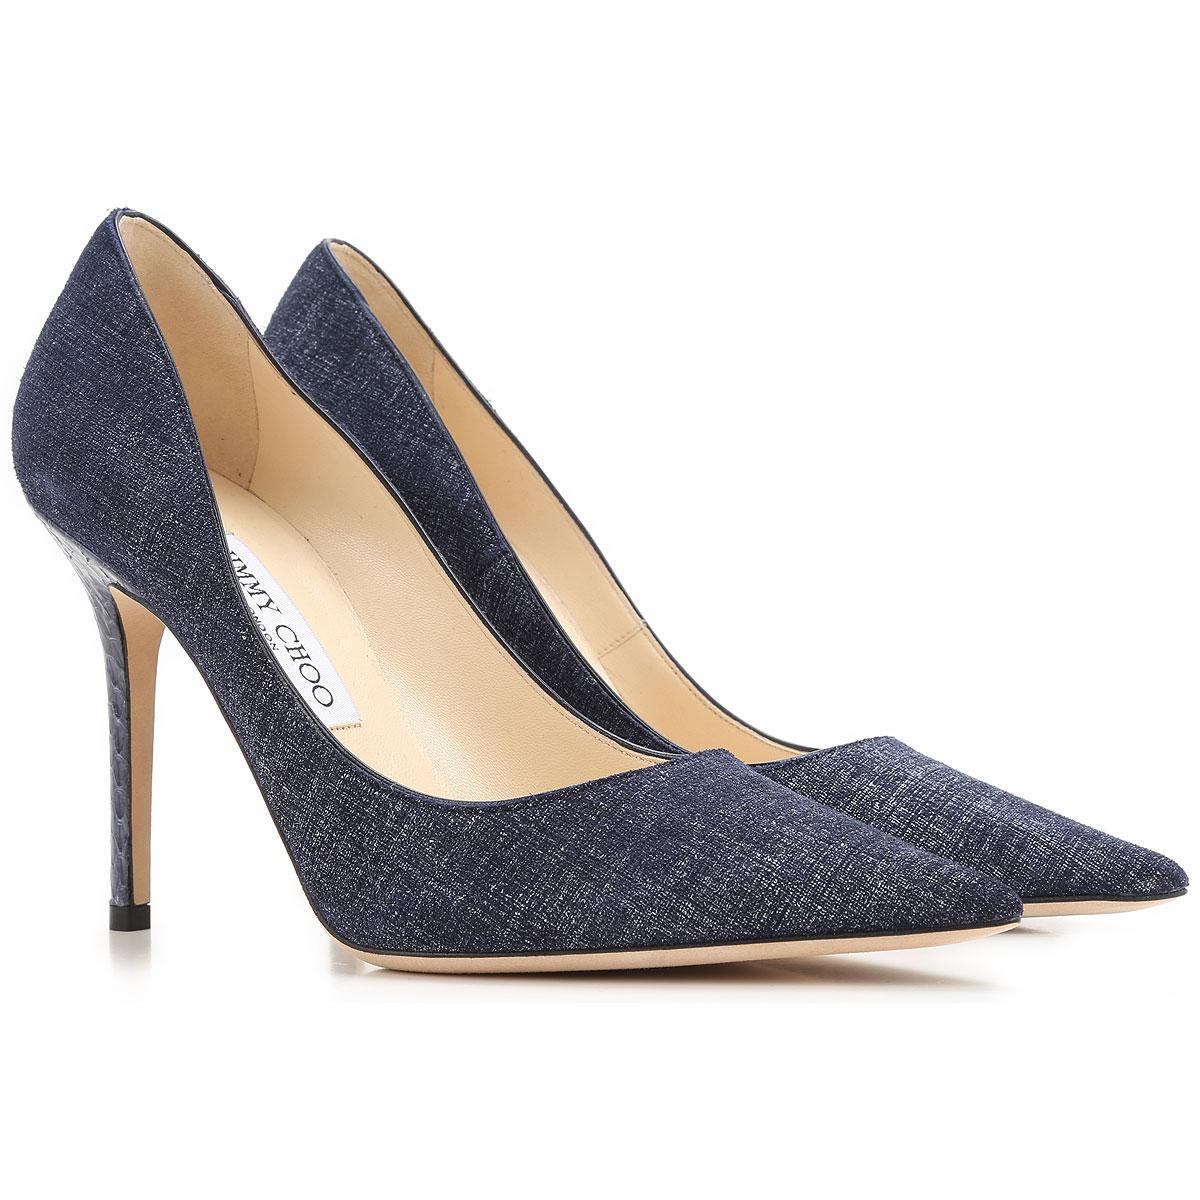 Женская обувь джимми чу купить рубашки брендовые